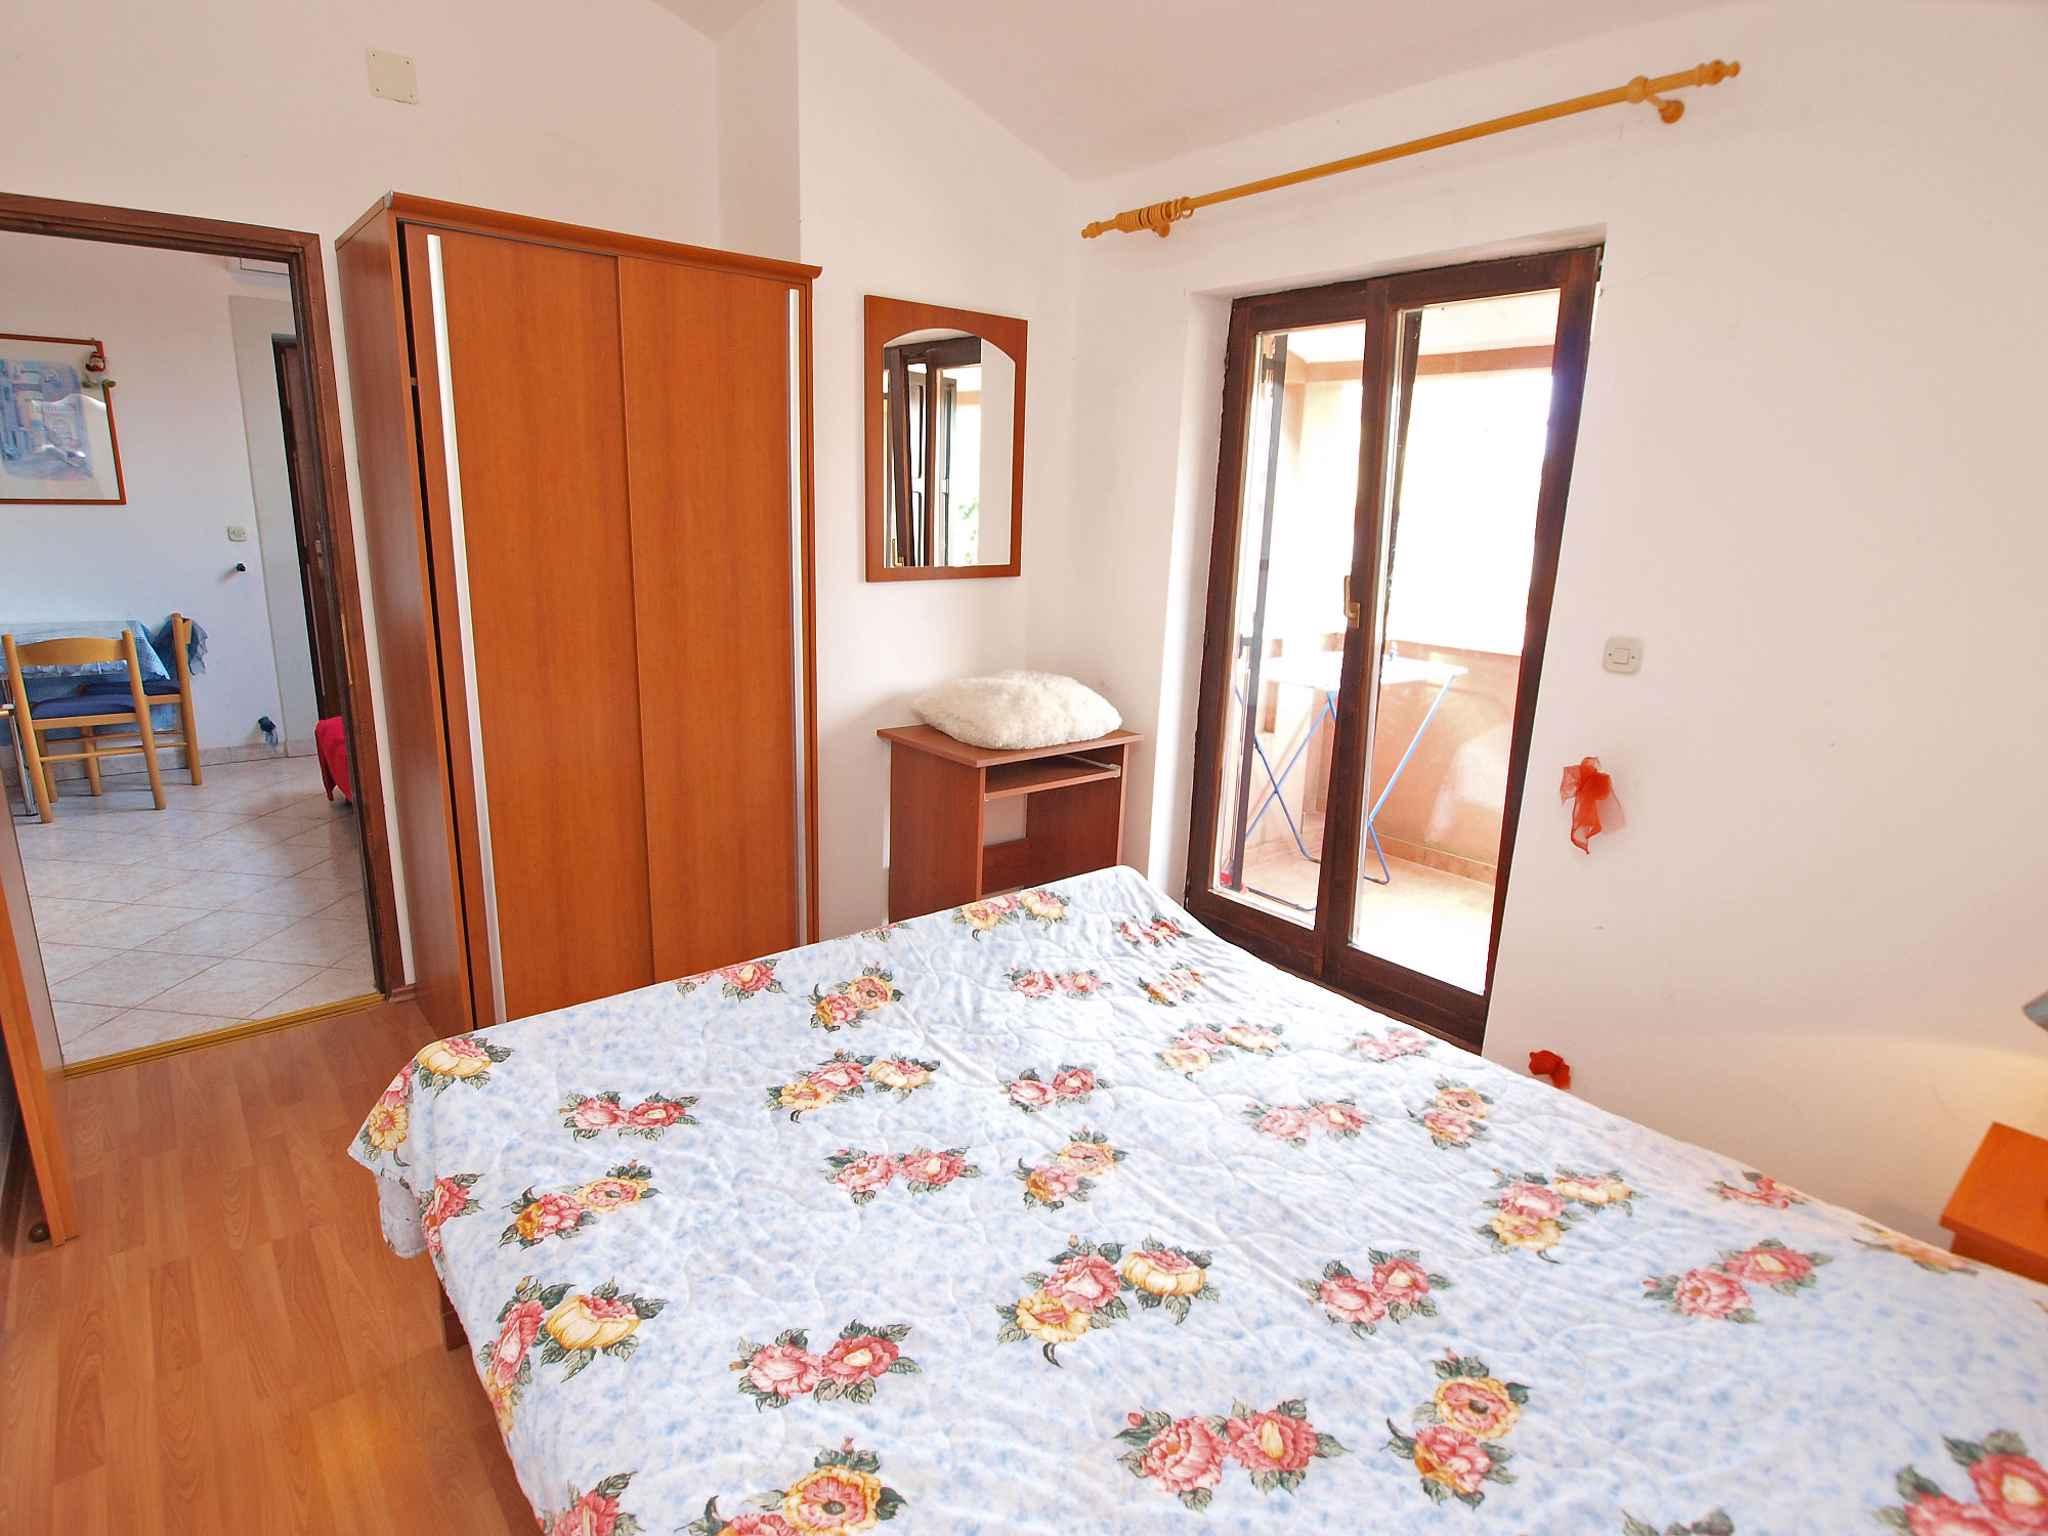 Ferienwohnung air condition (280764), Fažana, , Istrien, Kroatien, Bild 12